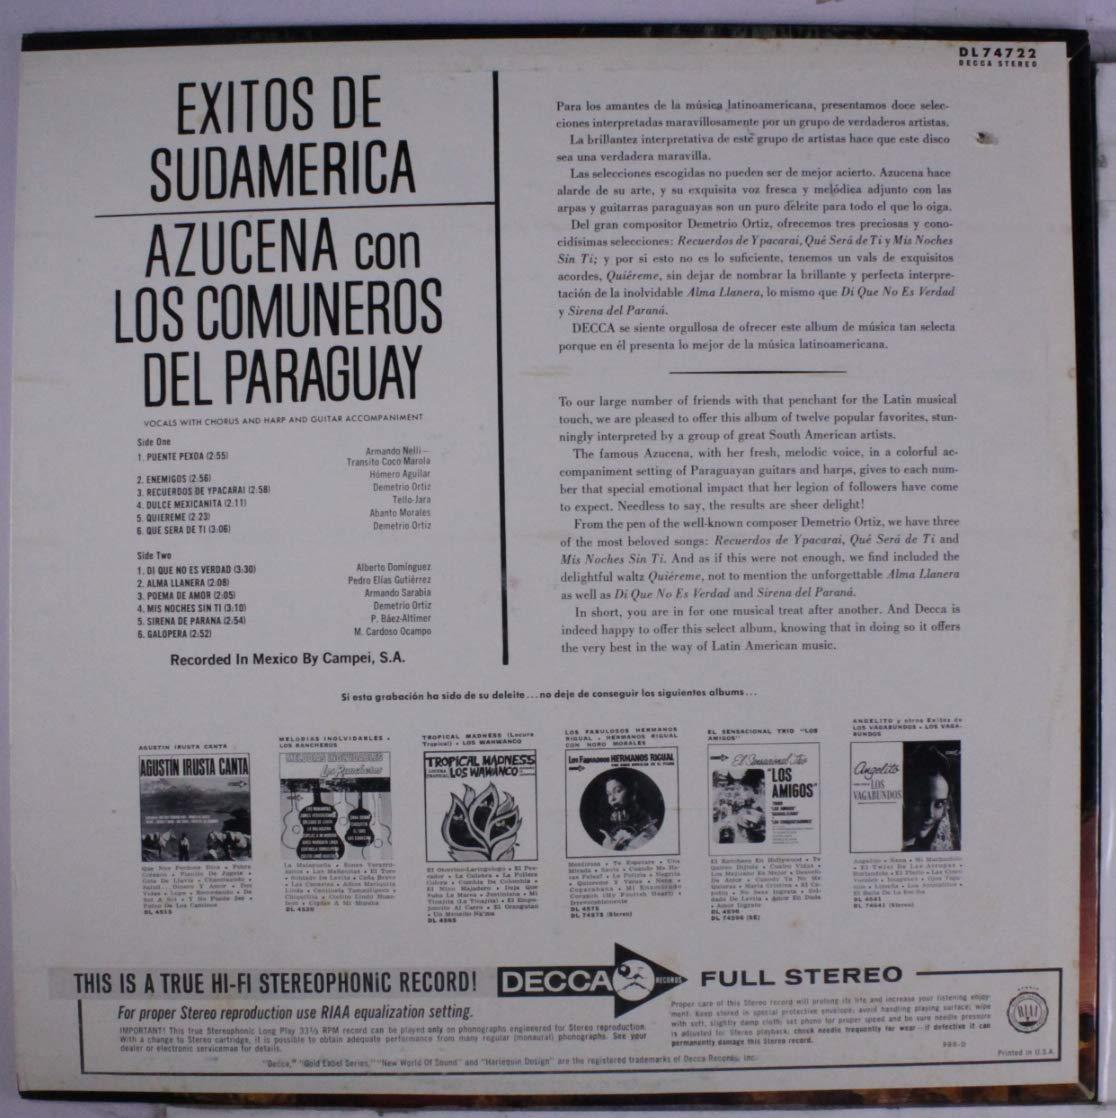 Amazon.com: exitos de sudamerica: Music